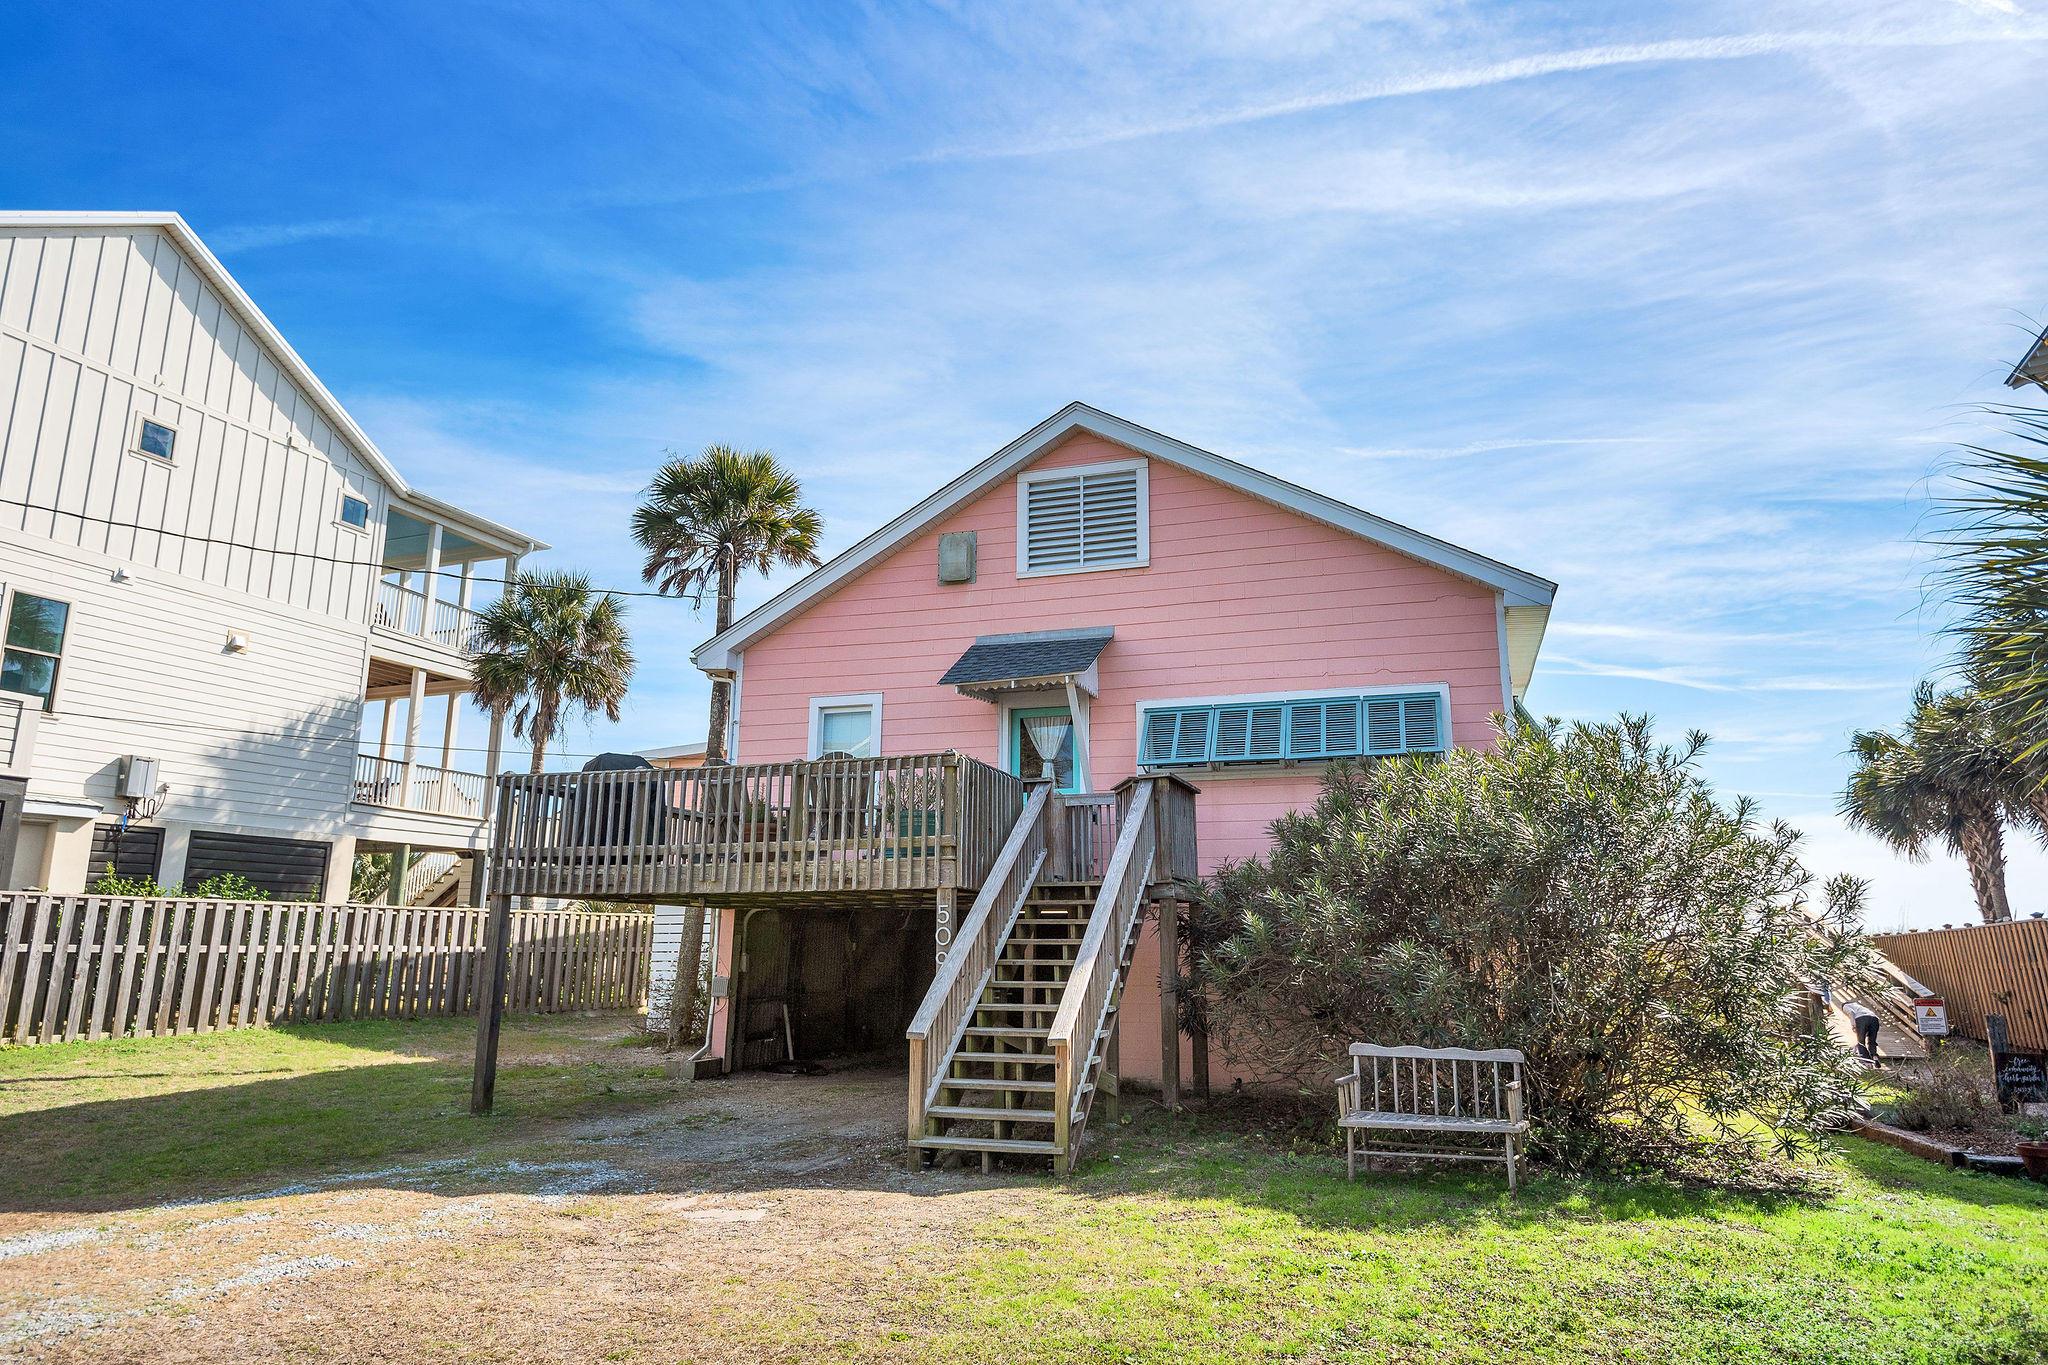 Folly Beach Homes For Sale - 509 Ashley, Folly Beach, SC - 51